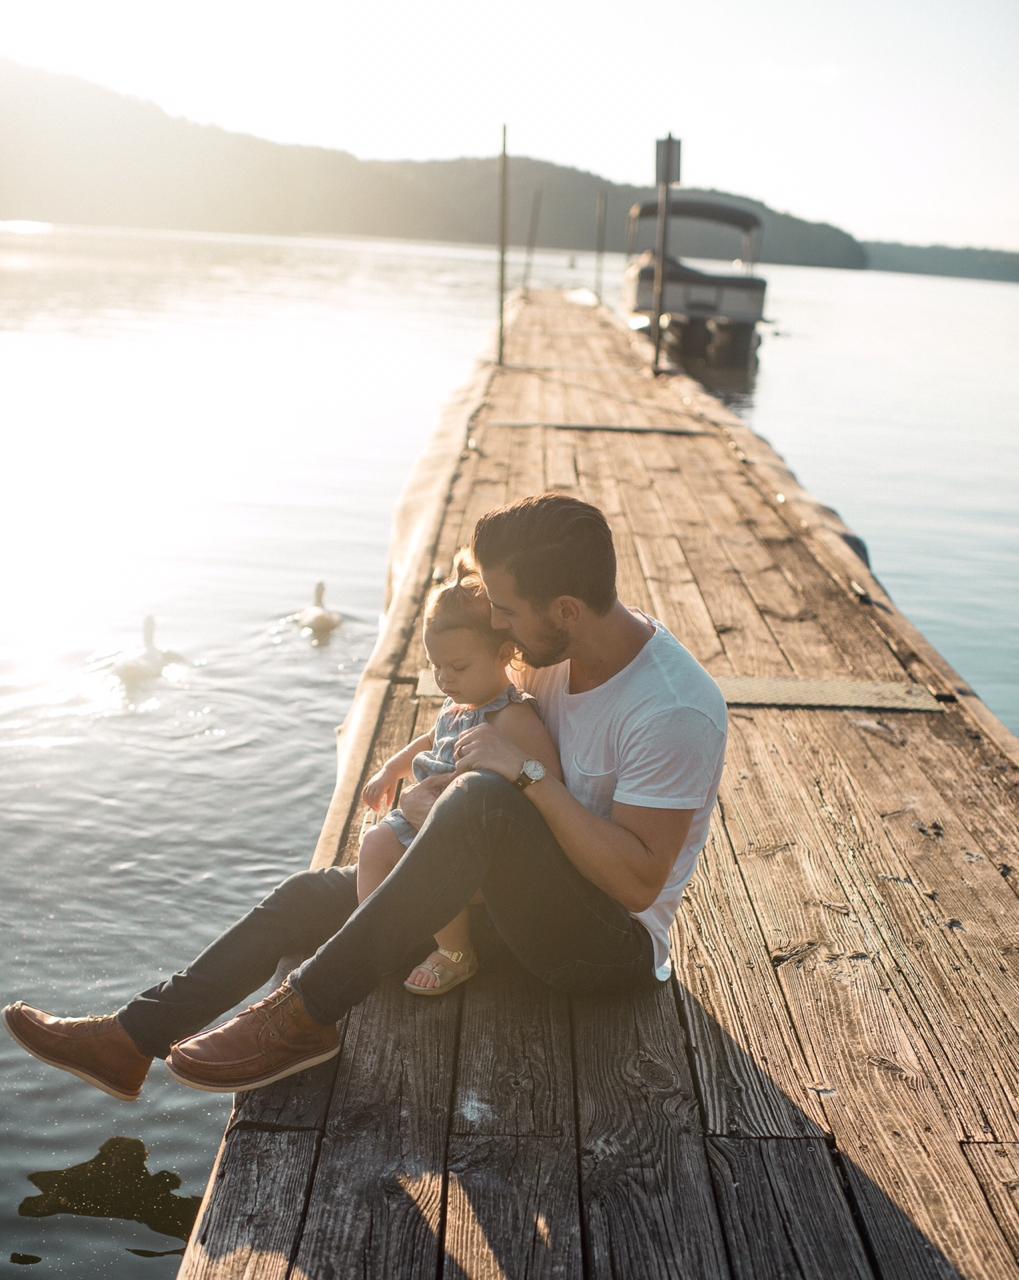 мужчина сидит с ребенком на берегу озера